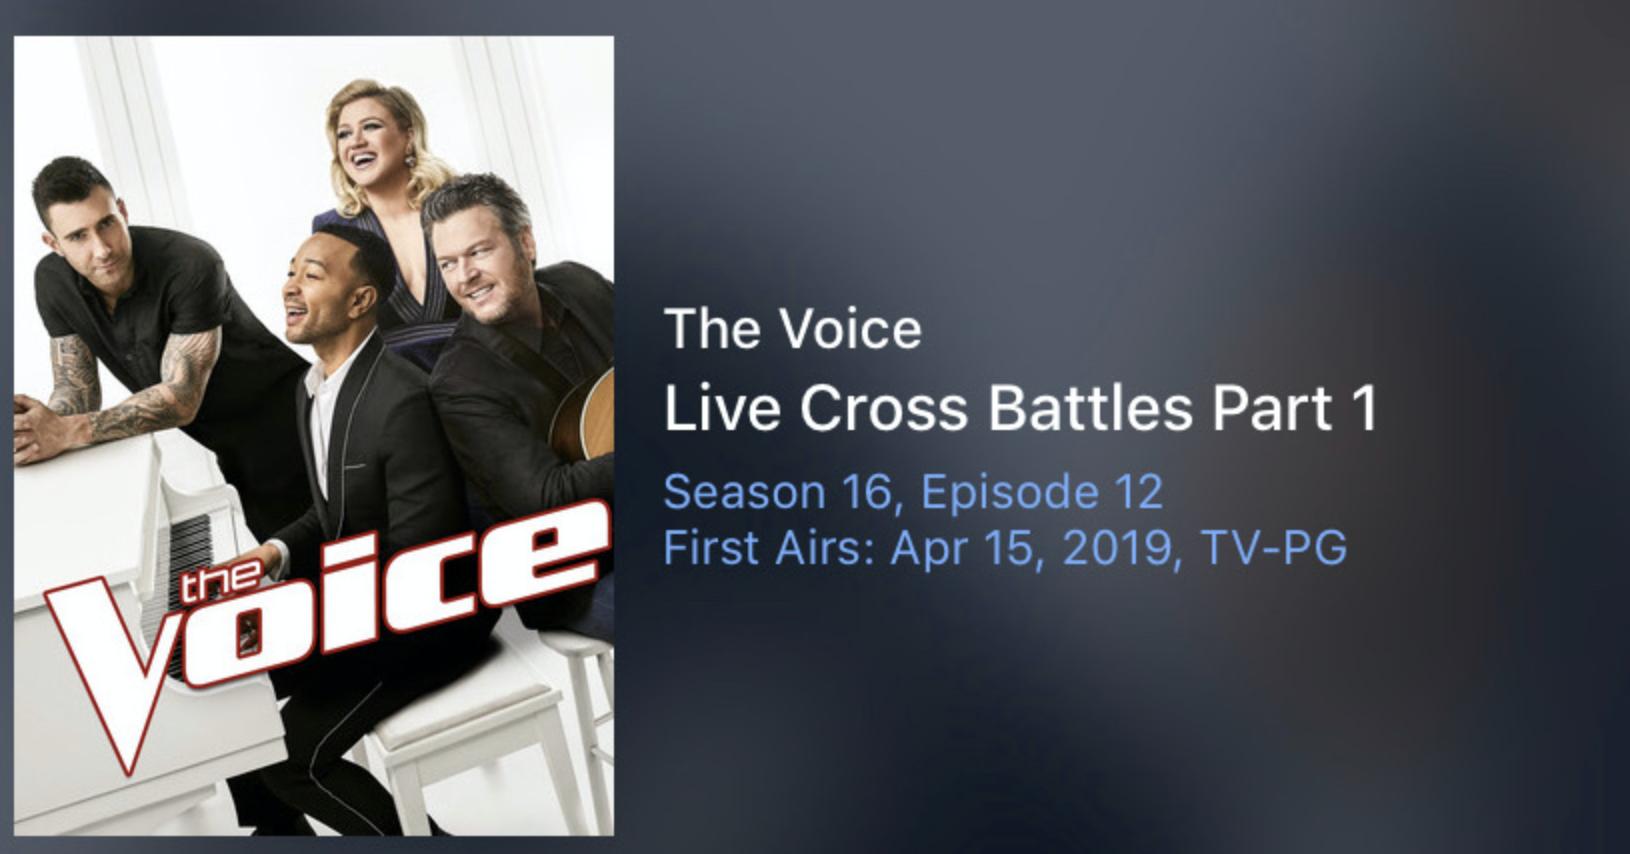 the voice season 12 episode 1